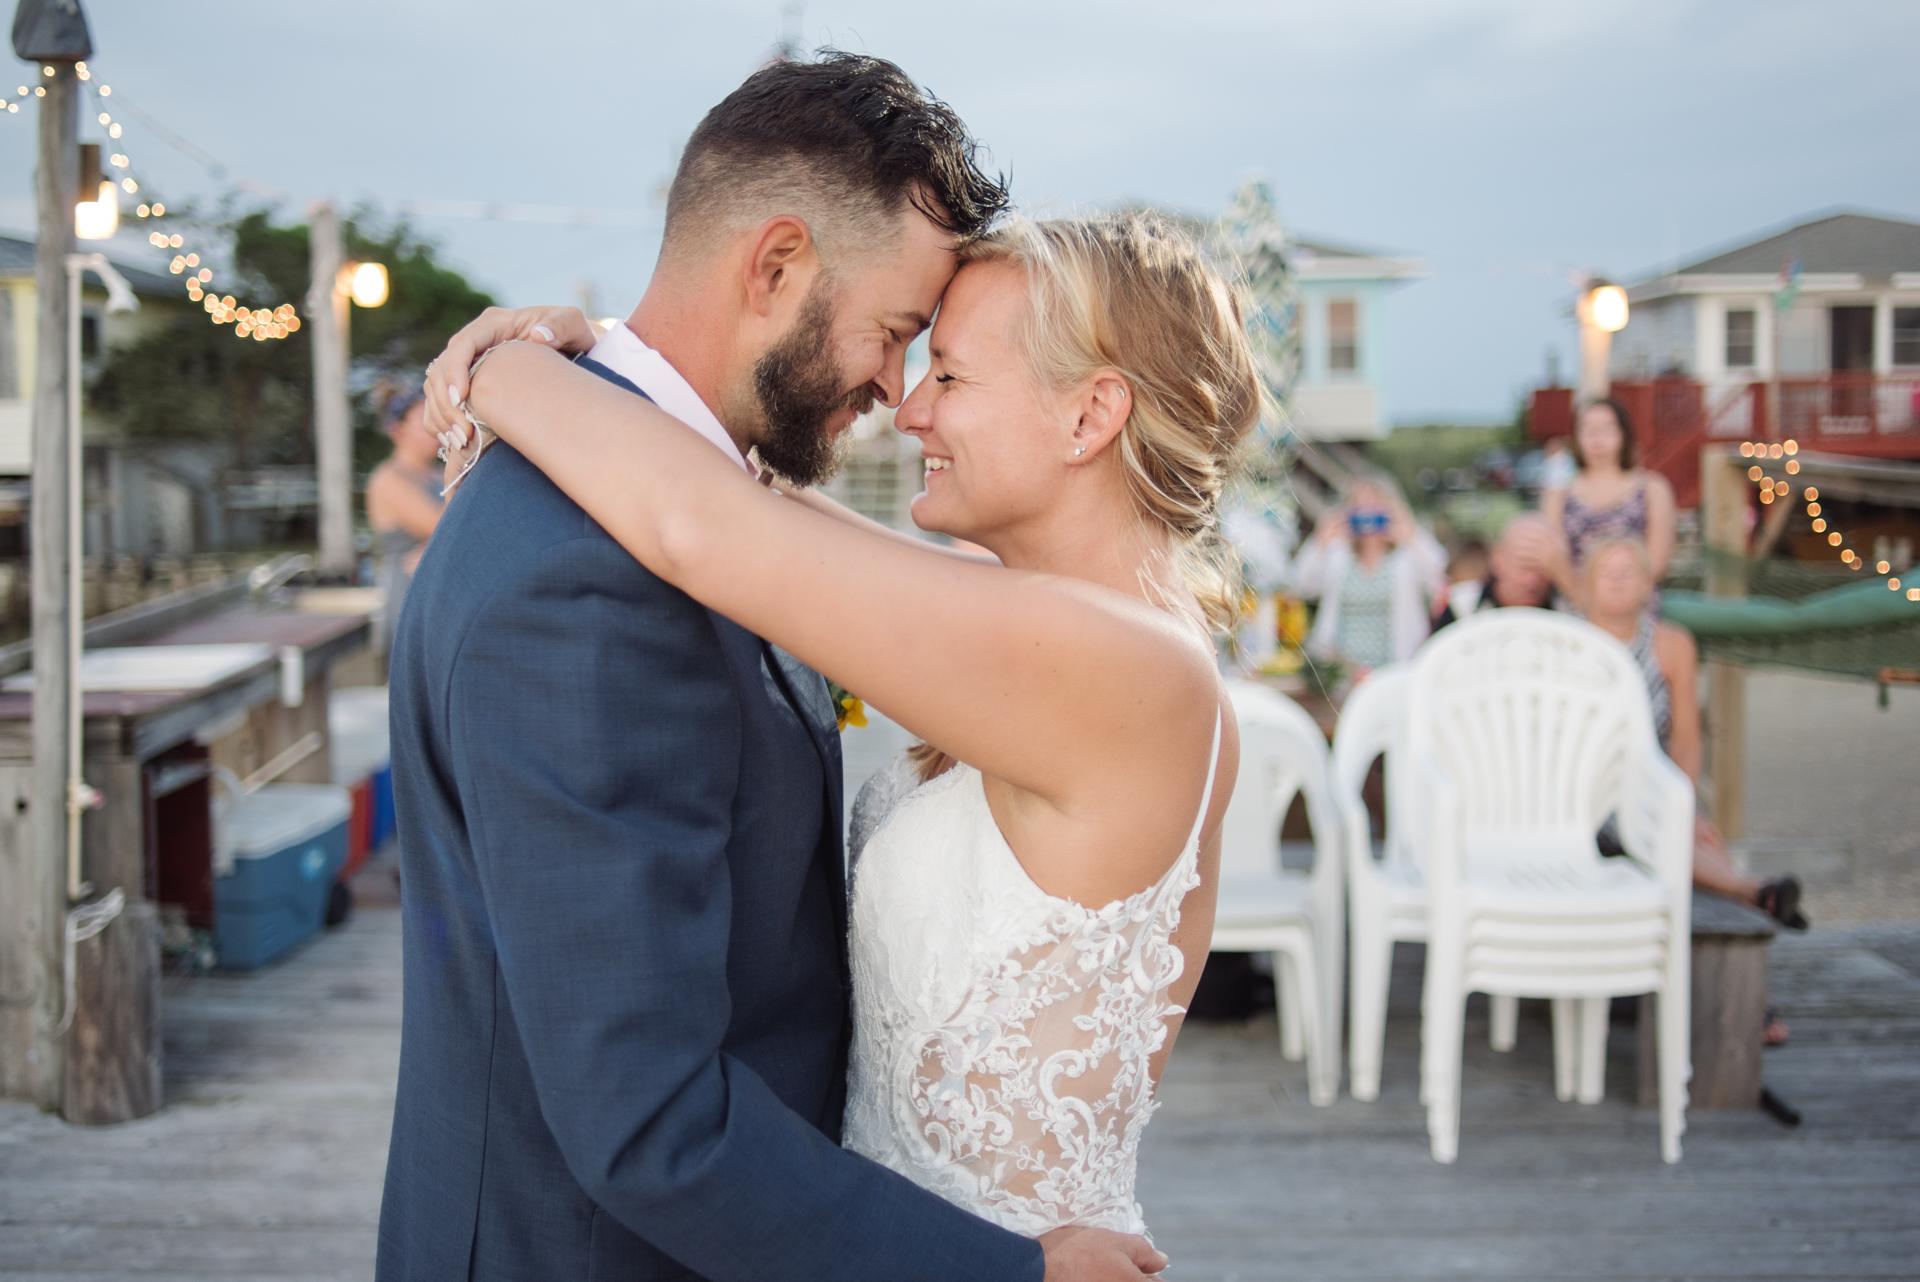 New Jersey Beach Elopement Empfangsbild | Braut und Bräutigam teilen einen ersten Tanz vor ihren engsten Familienmitgliedern